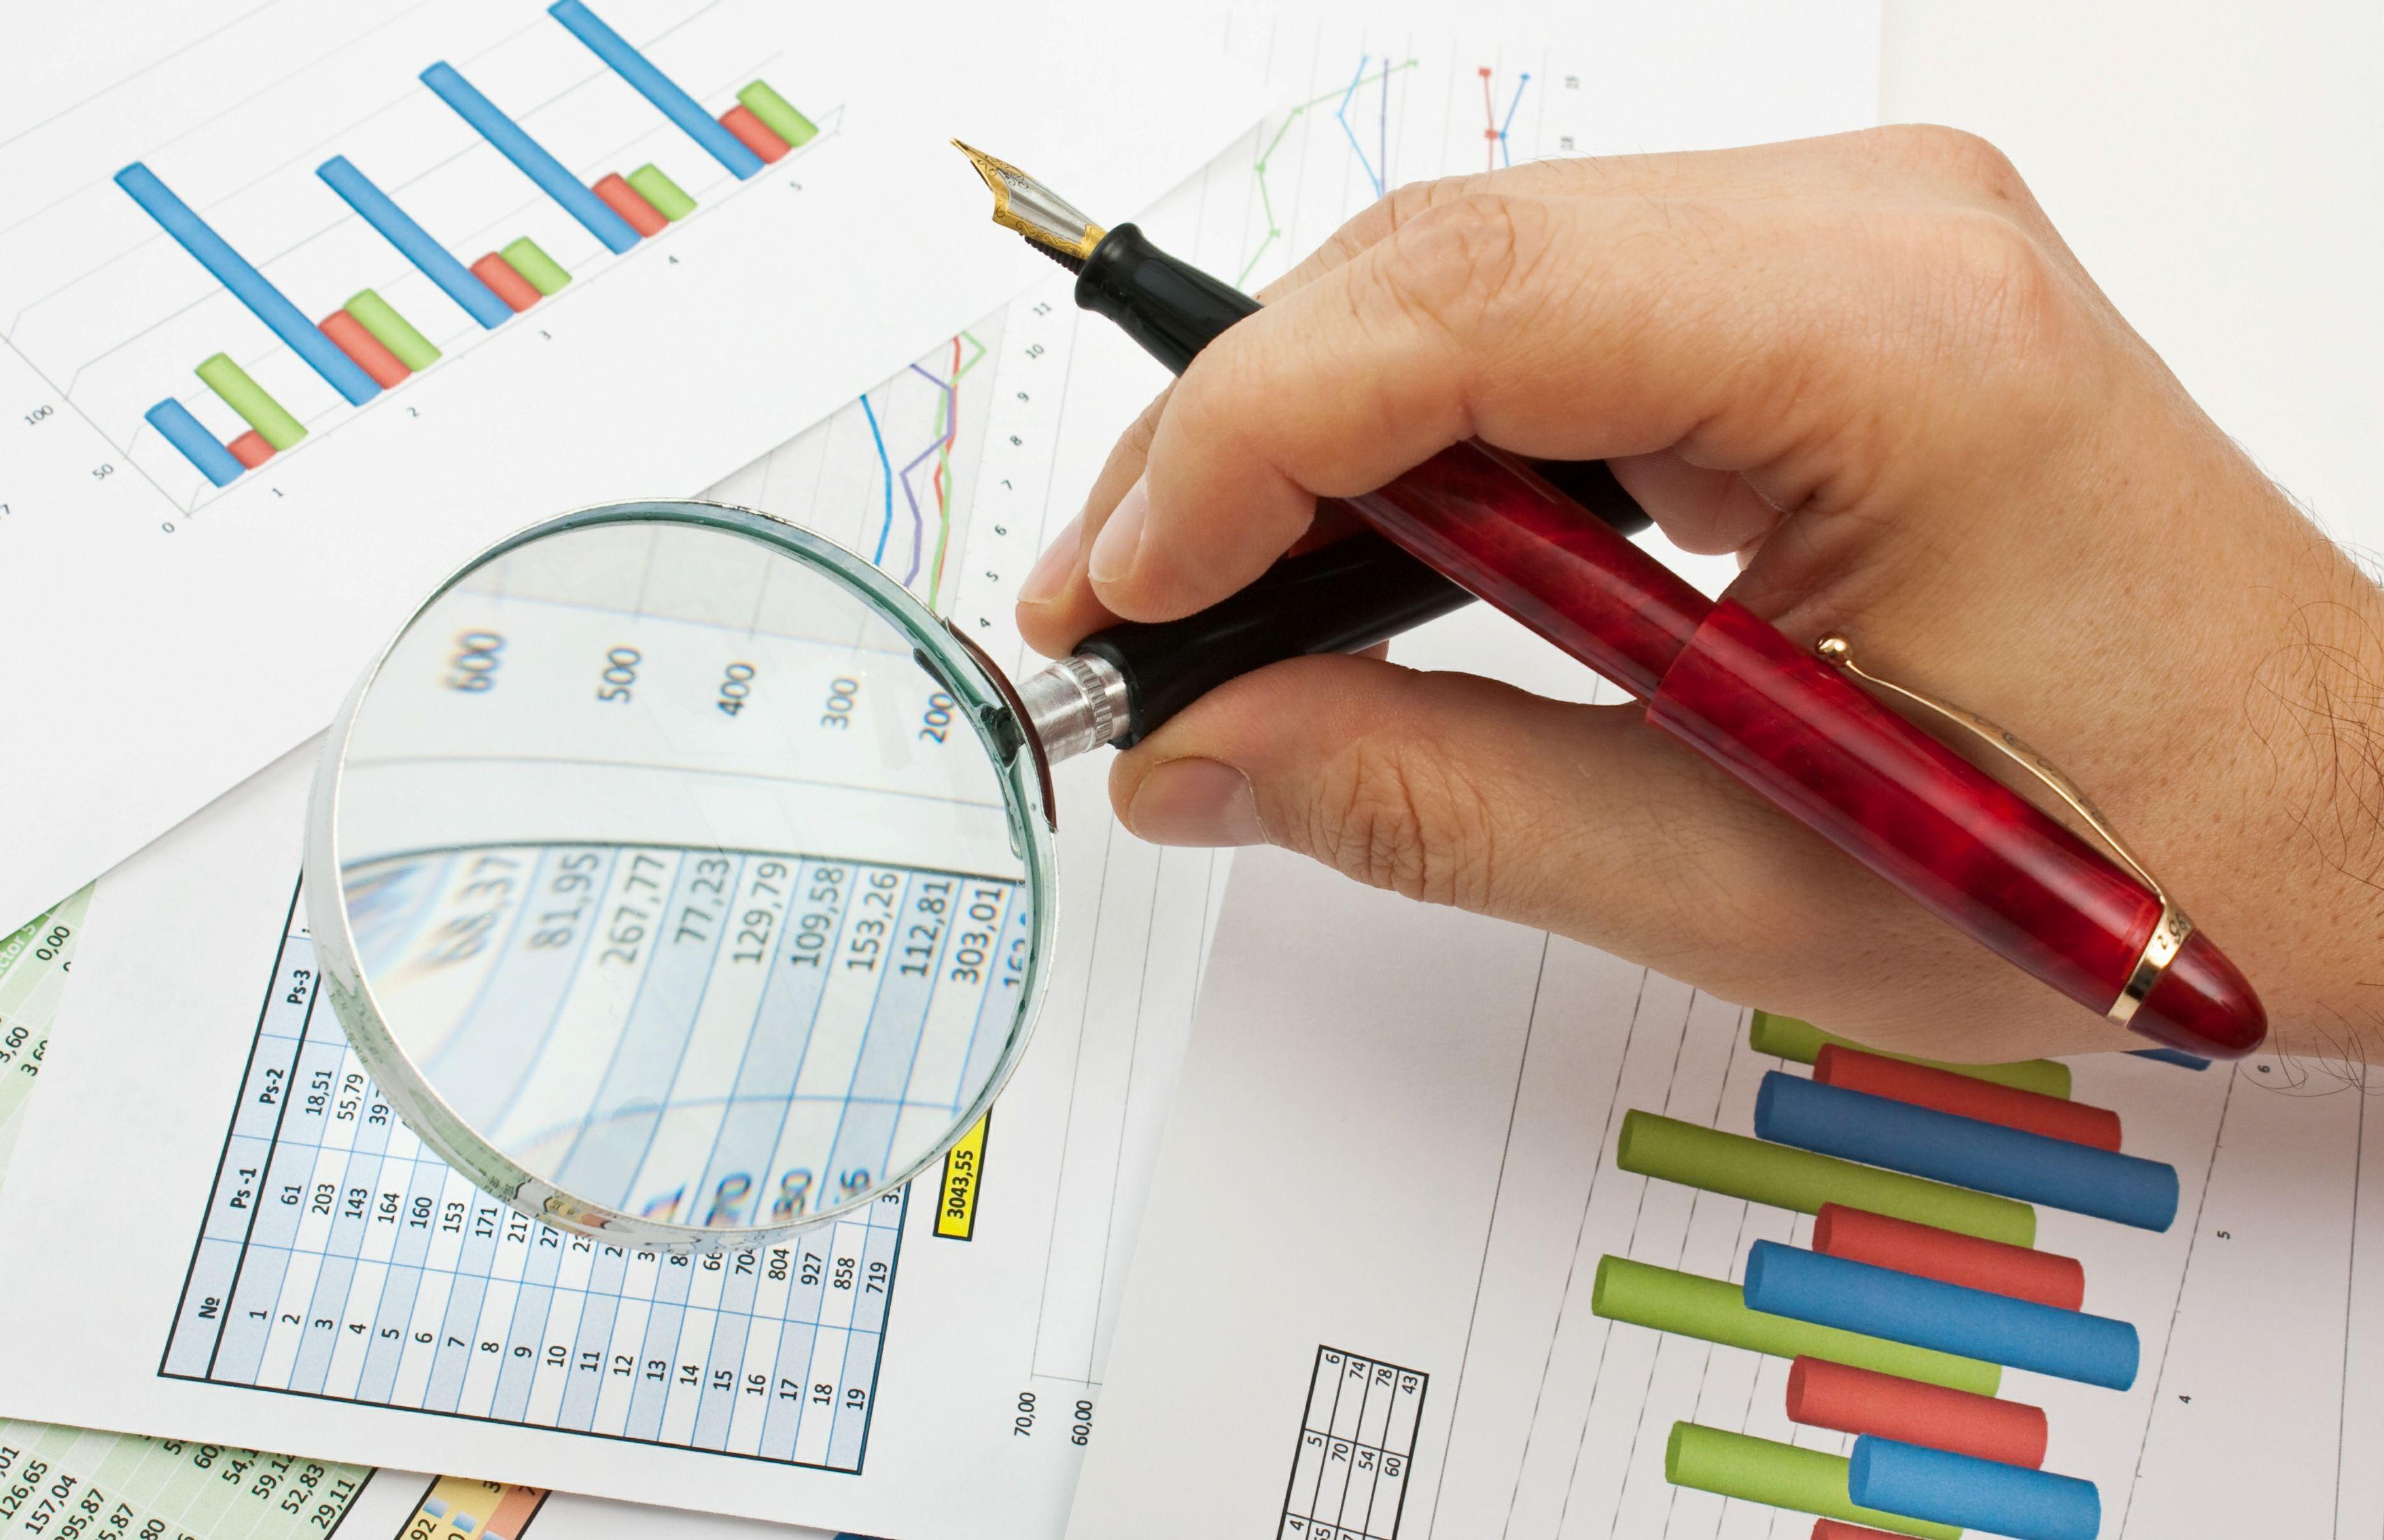 格隆汇港股聚焦(6.18)︱中国平安首次回购2.82亿元A股股份  合和公路基建与万科签订战略合作框架协议